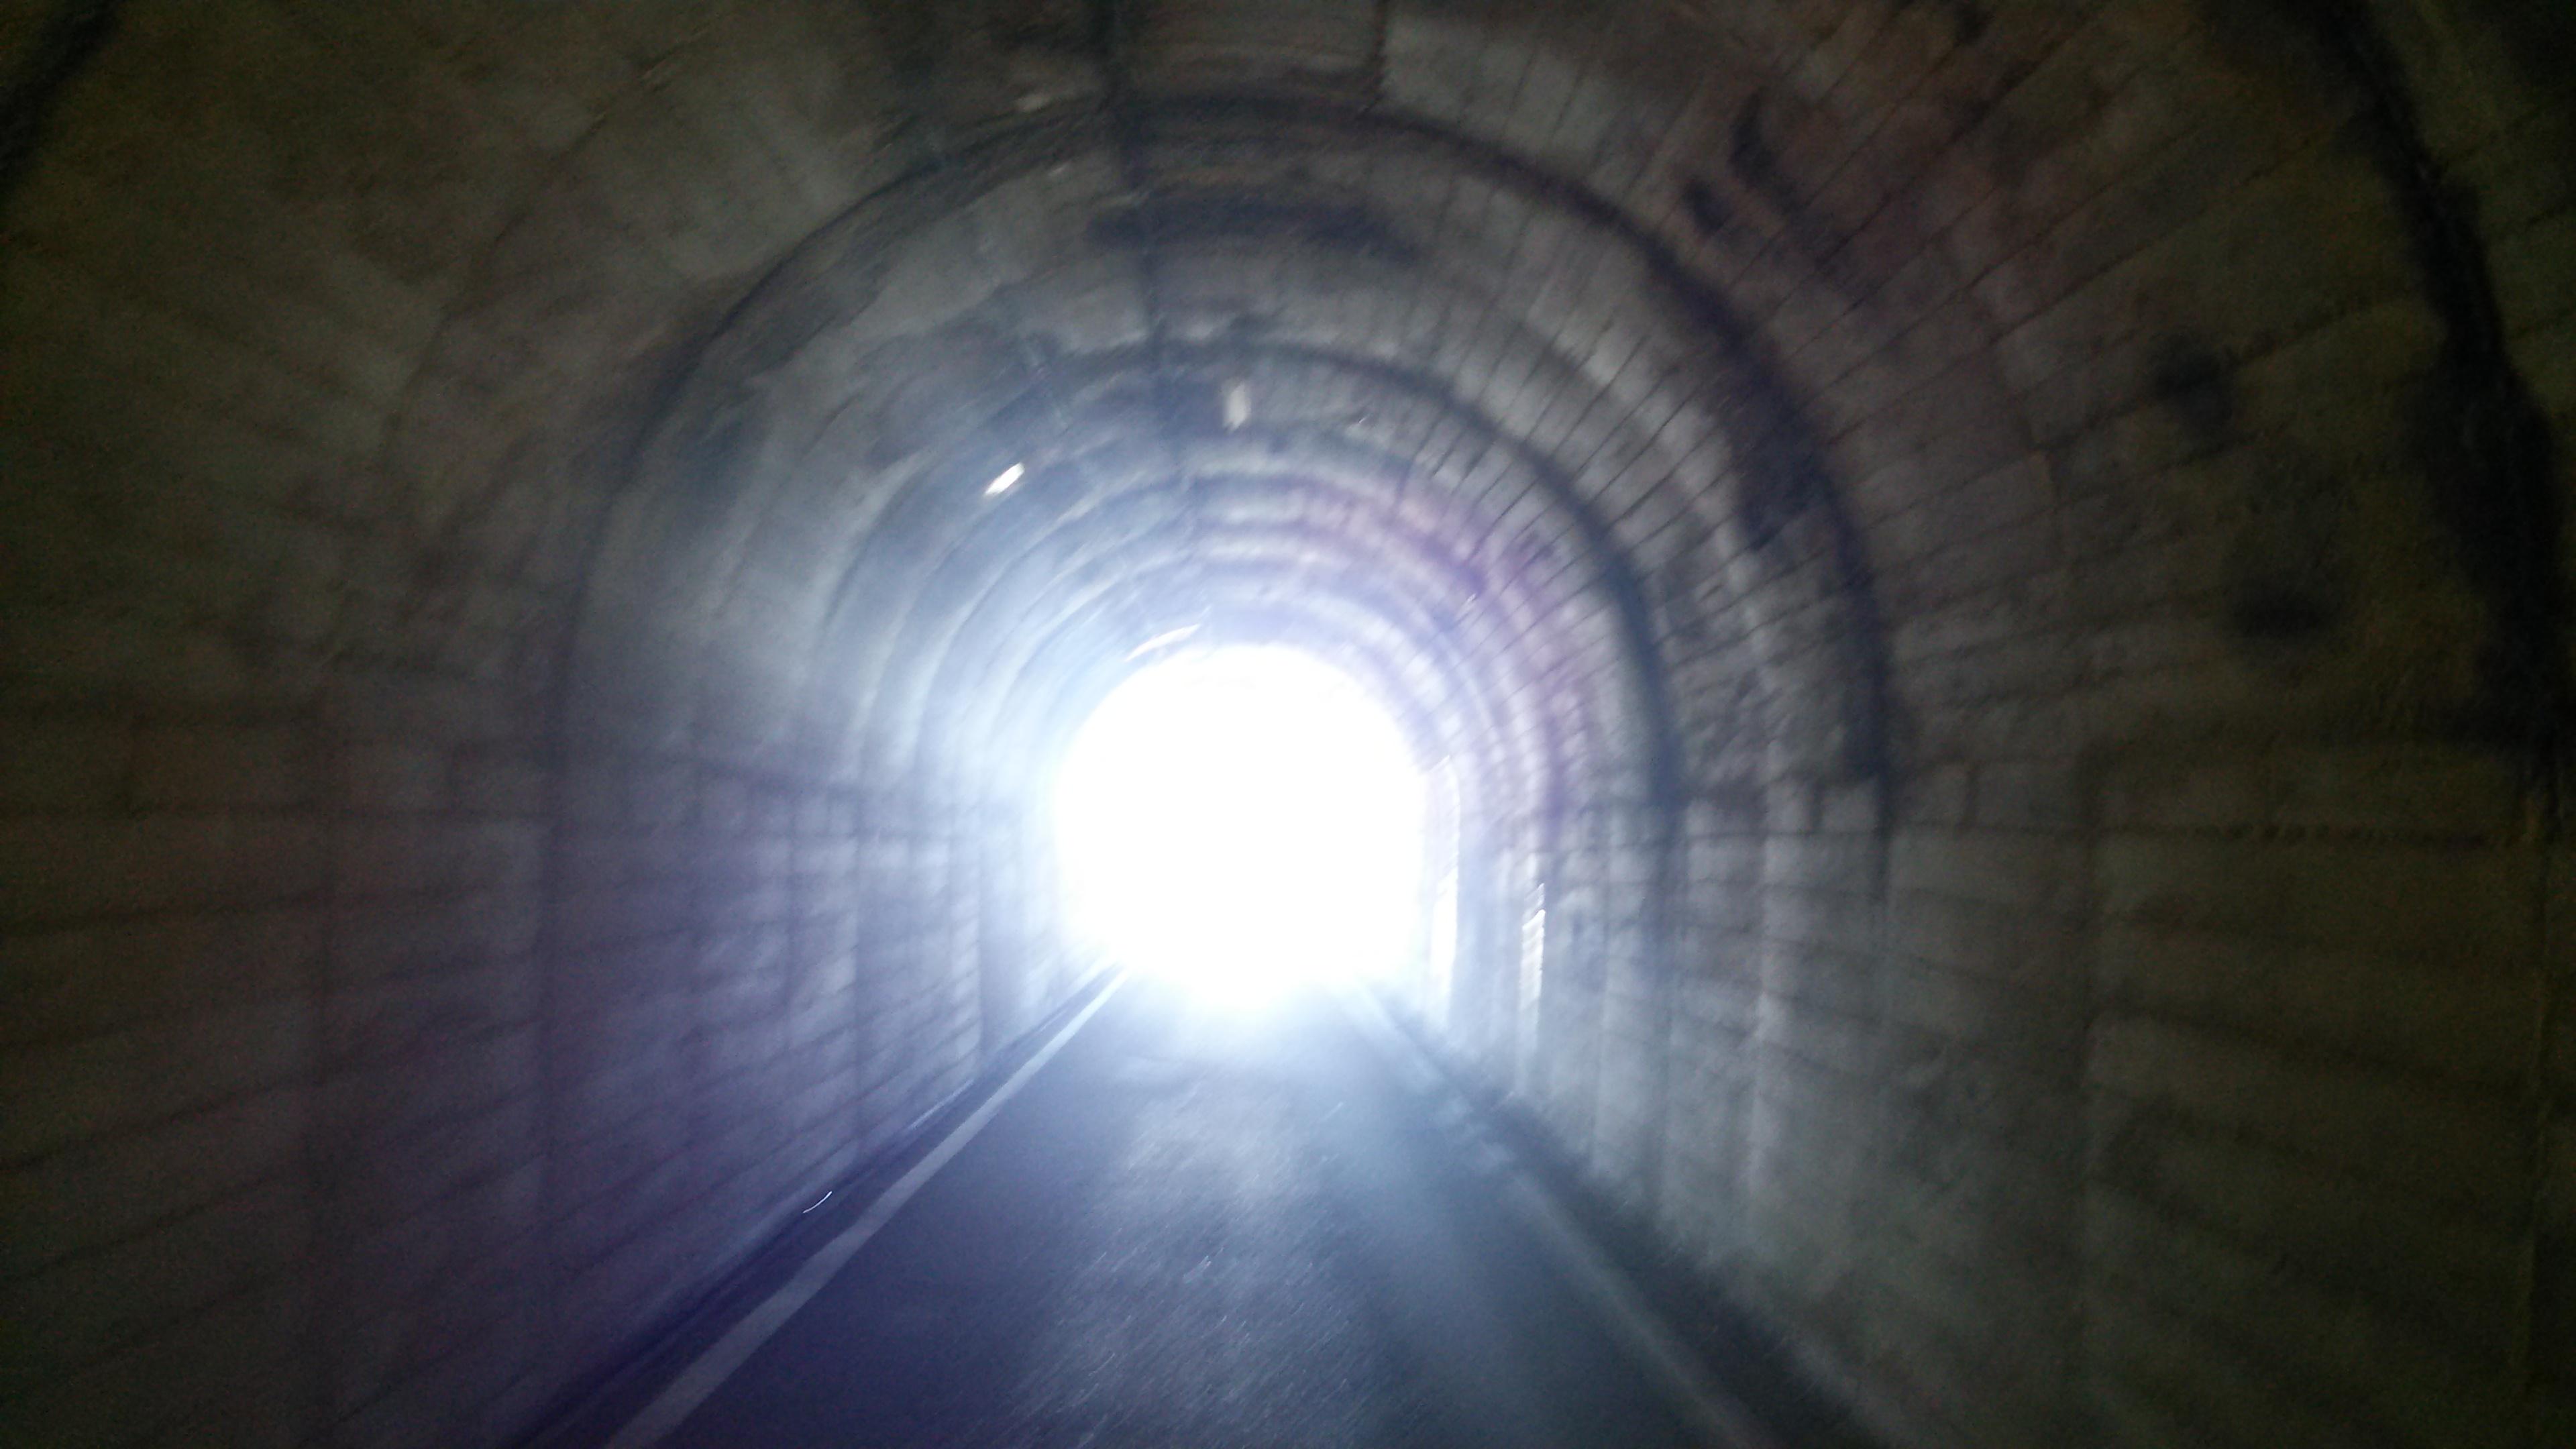 青森県の海底に浦島太郎が行ったとされる竜宮城だったと言われる無数の海底遺跡の人工物があるのは何故!?